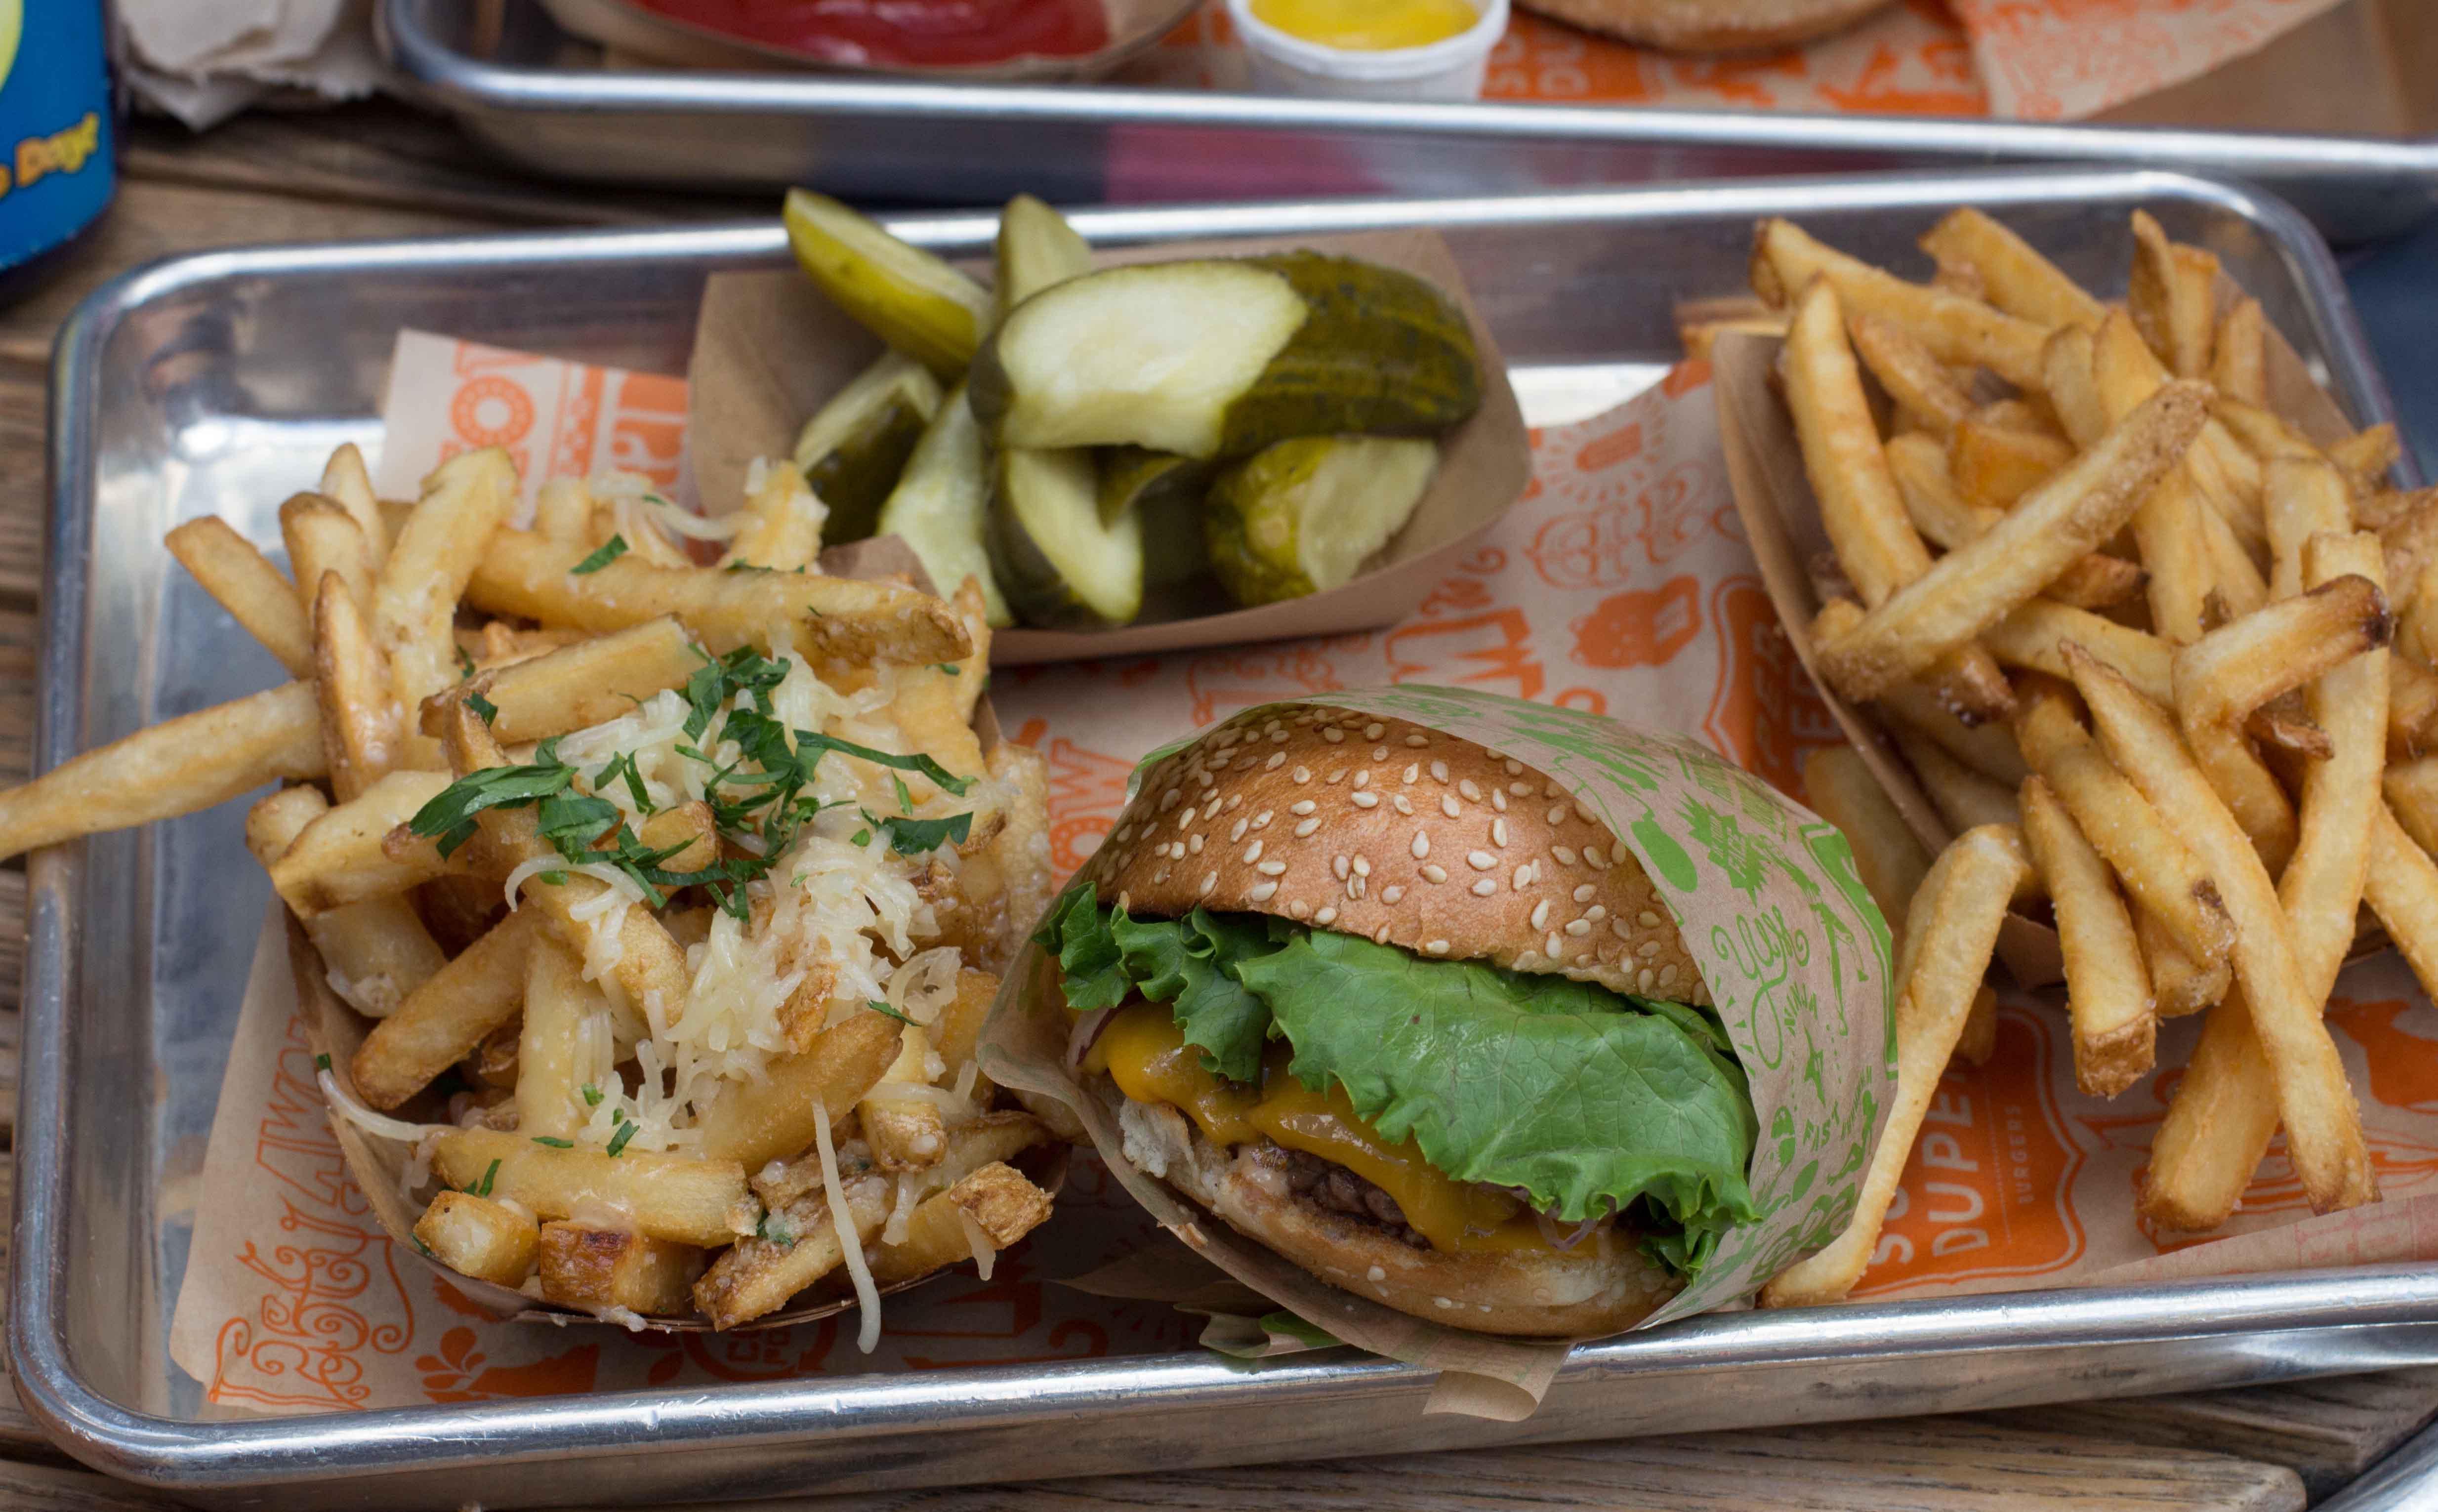 Super Duper Burger Garlic Fries Super Duper Burger With a Side